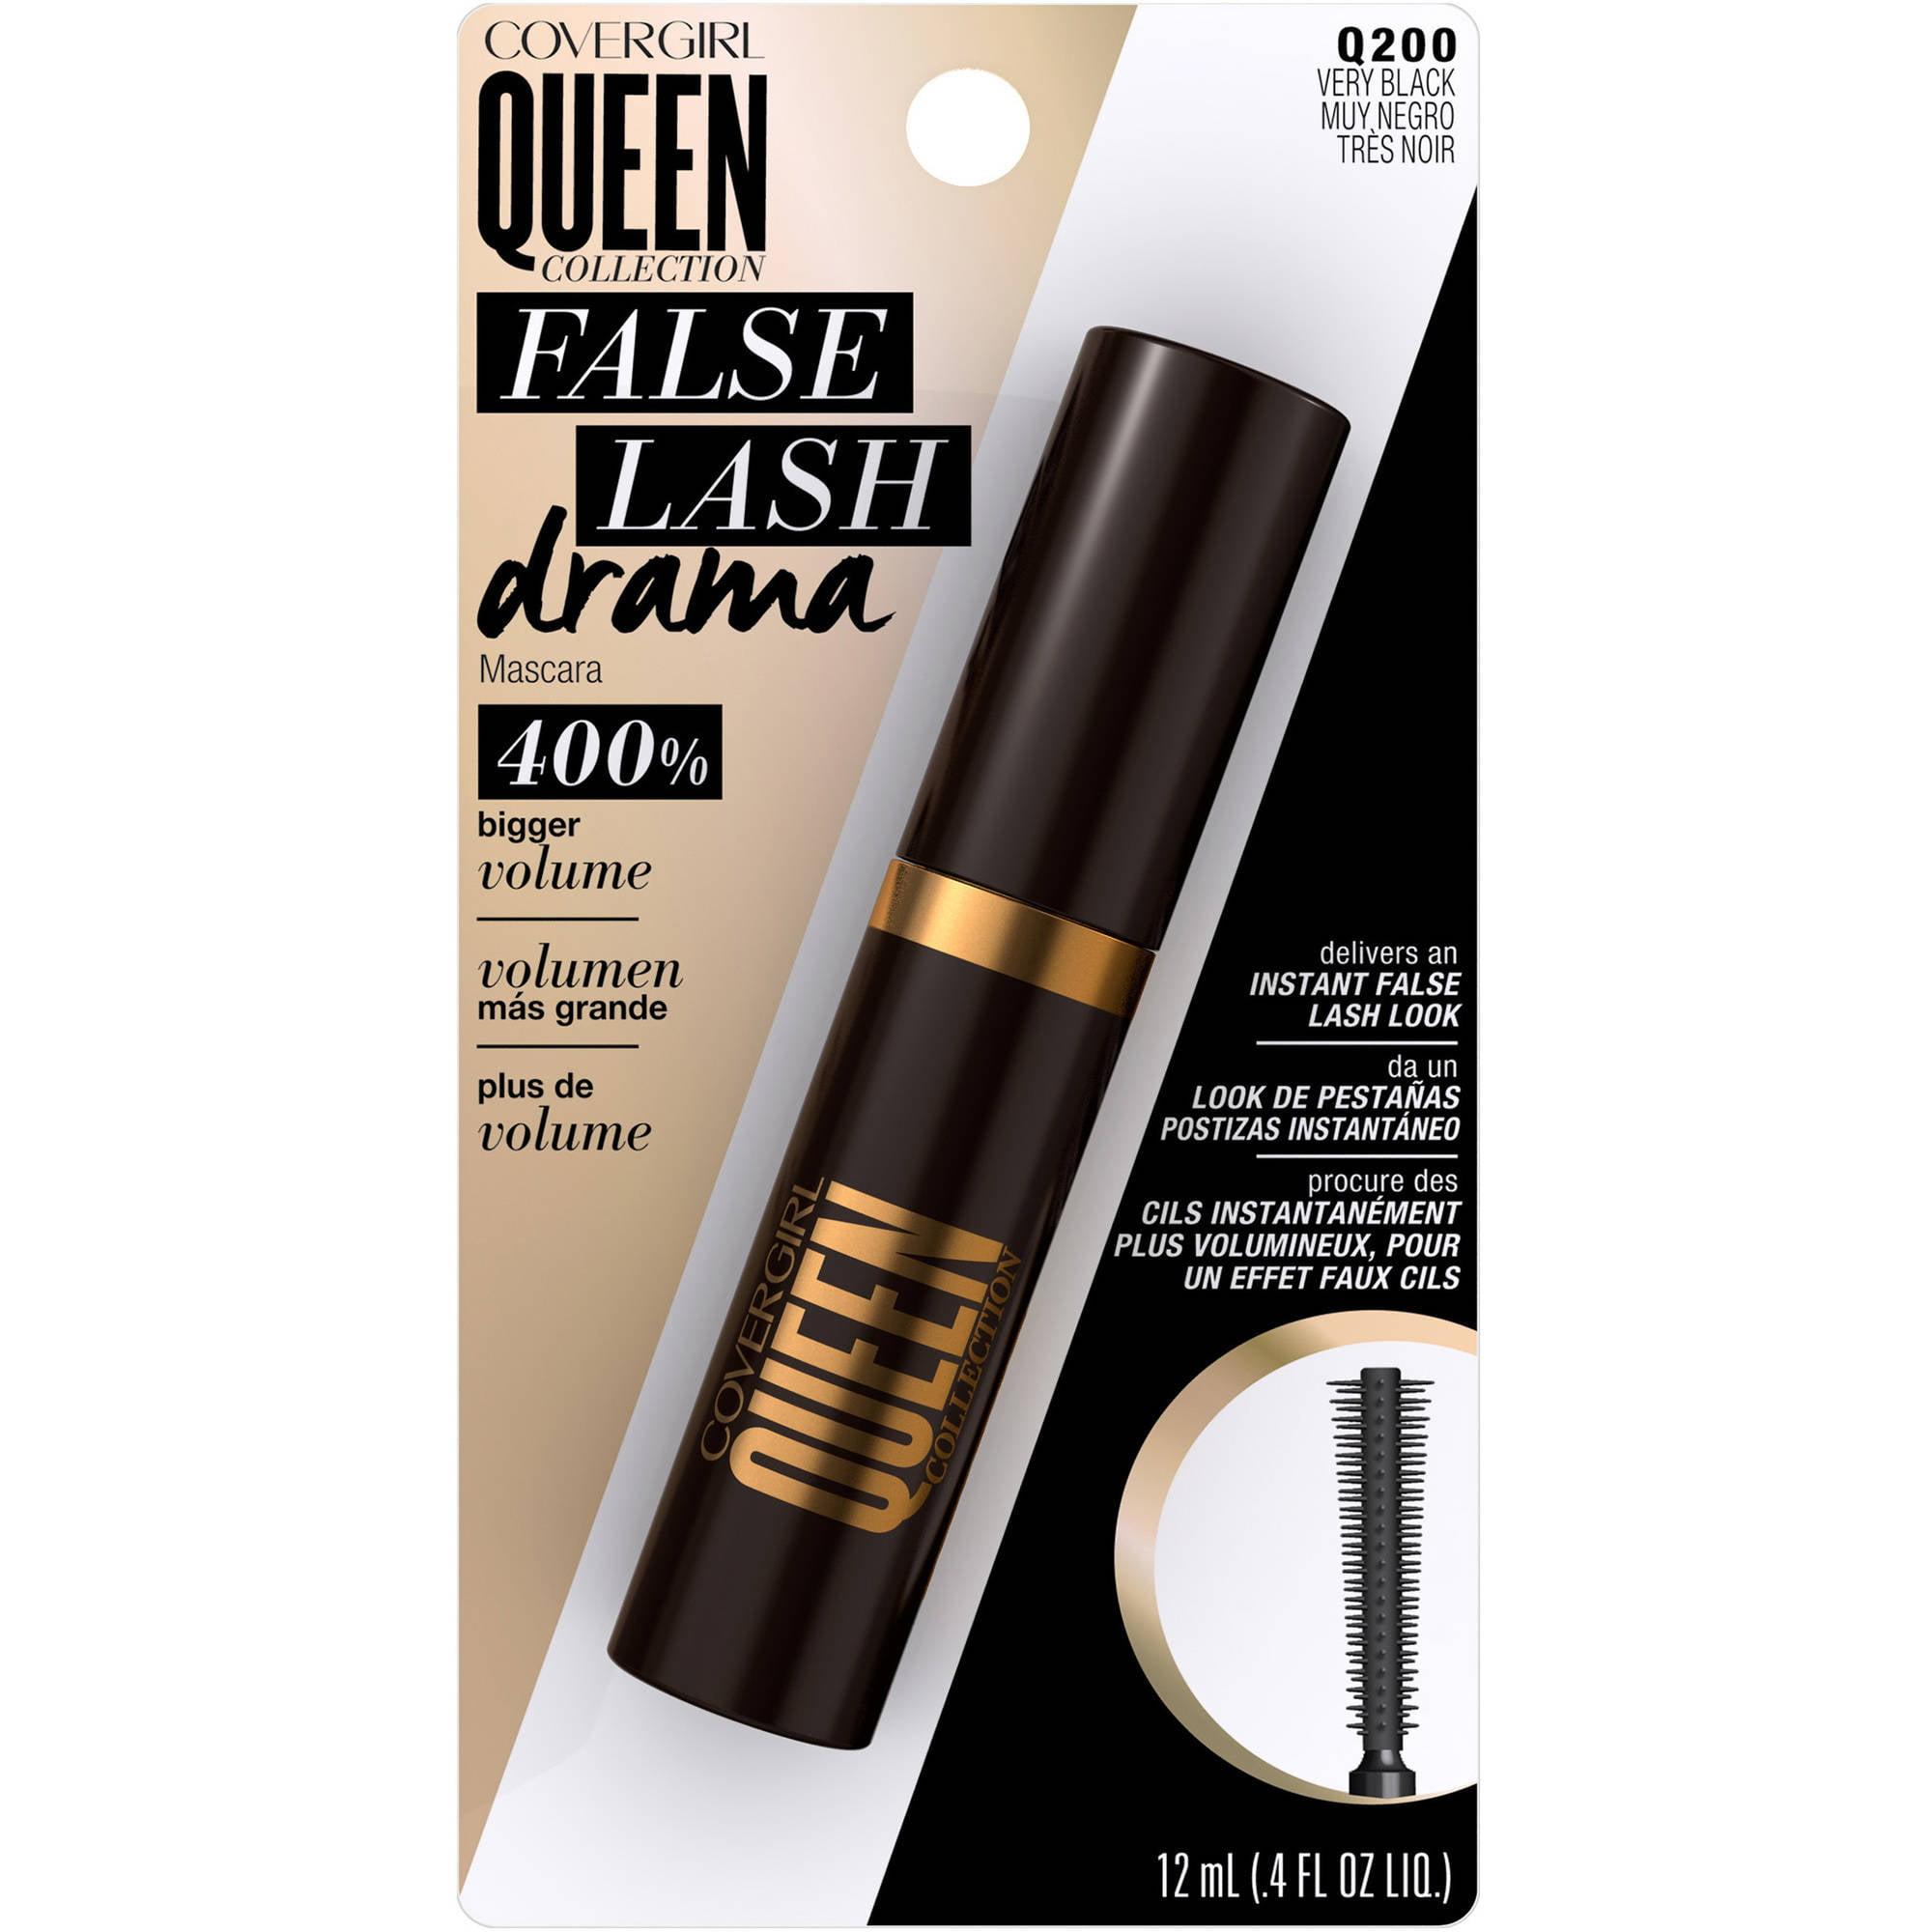 COVERGIRL Queen Collection False Lash Drama Mascara, Very Black, .4 fl oz